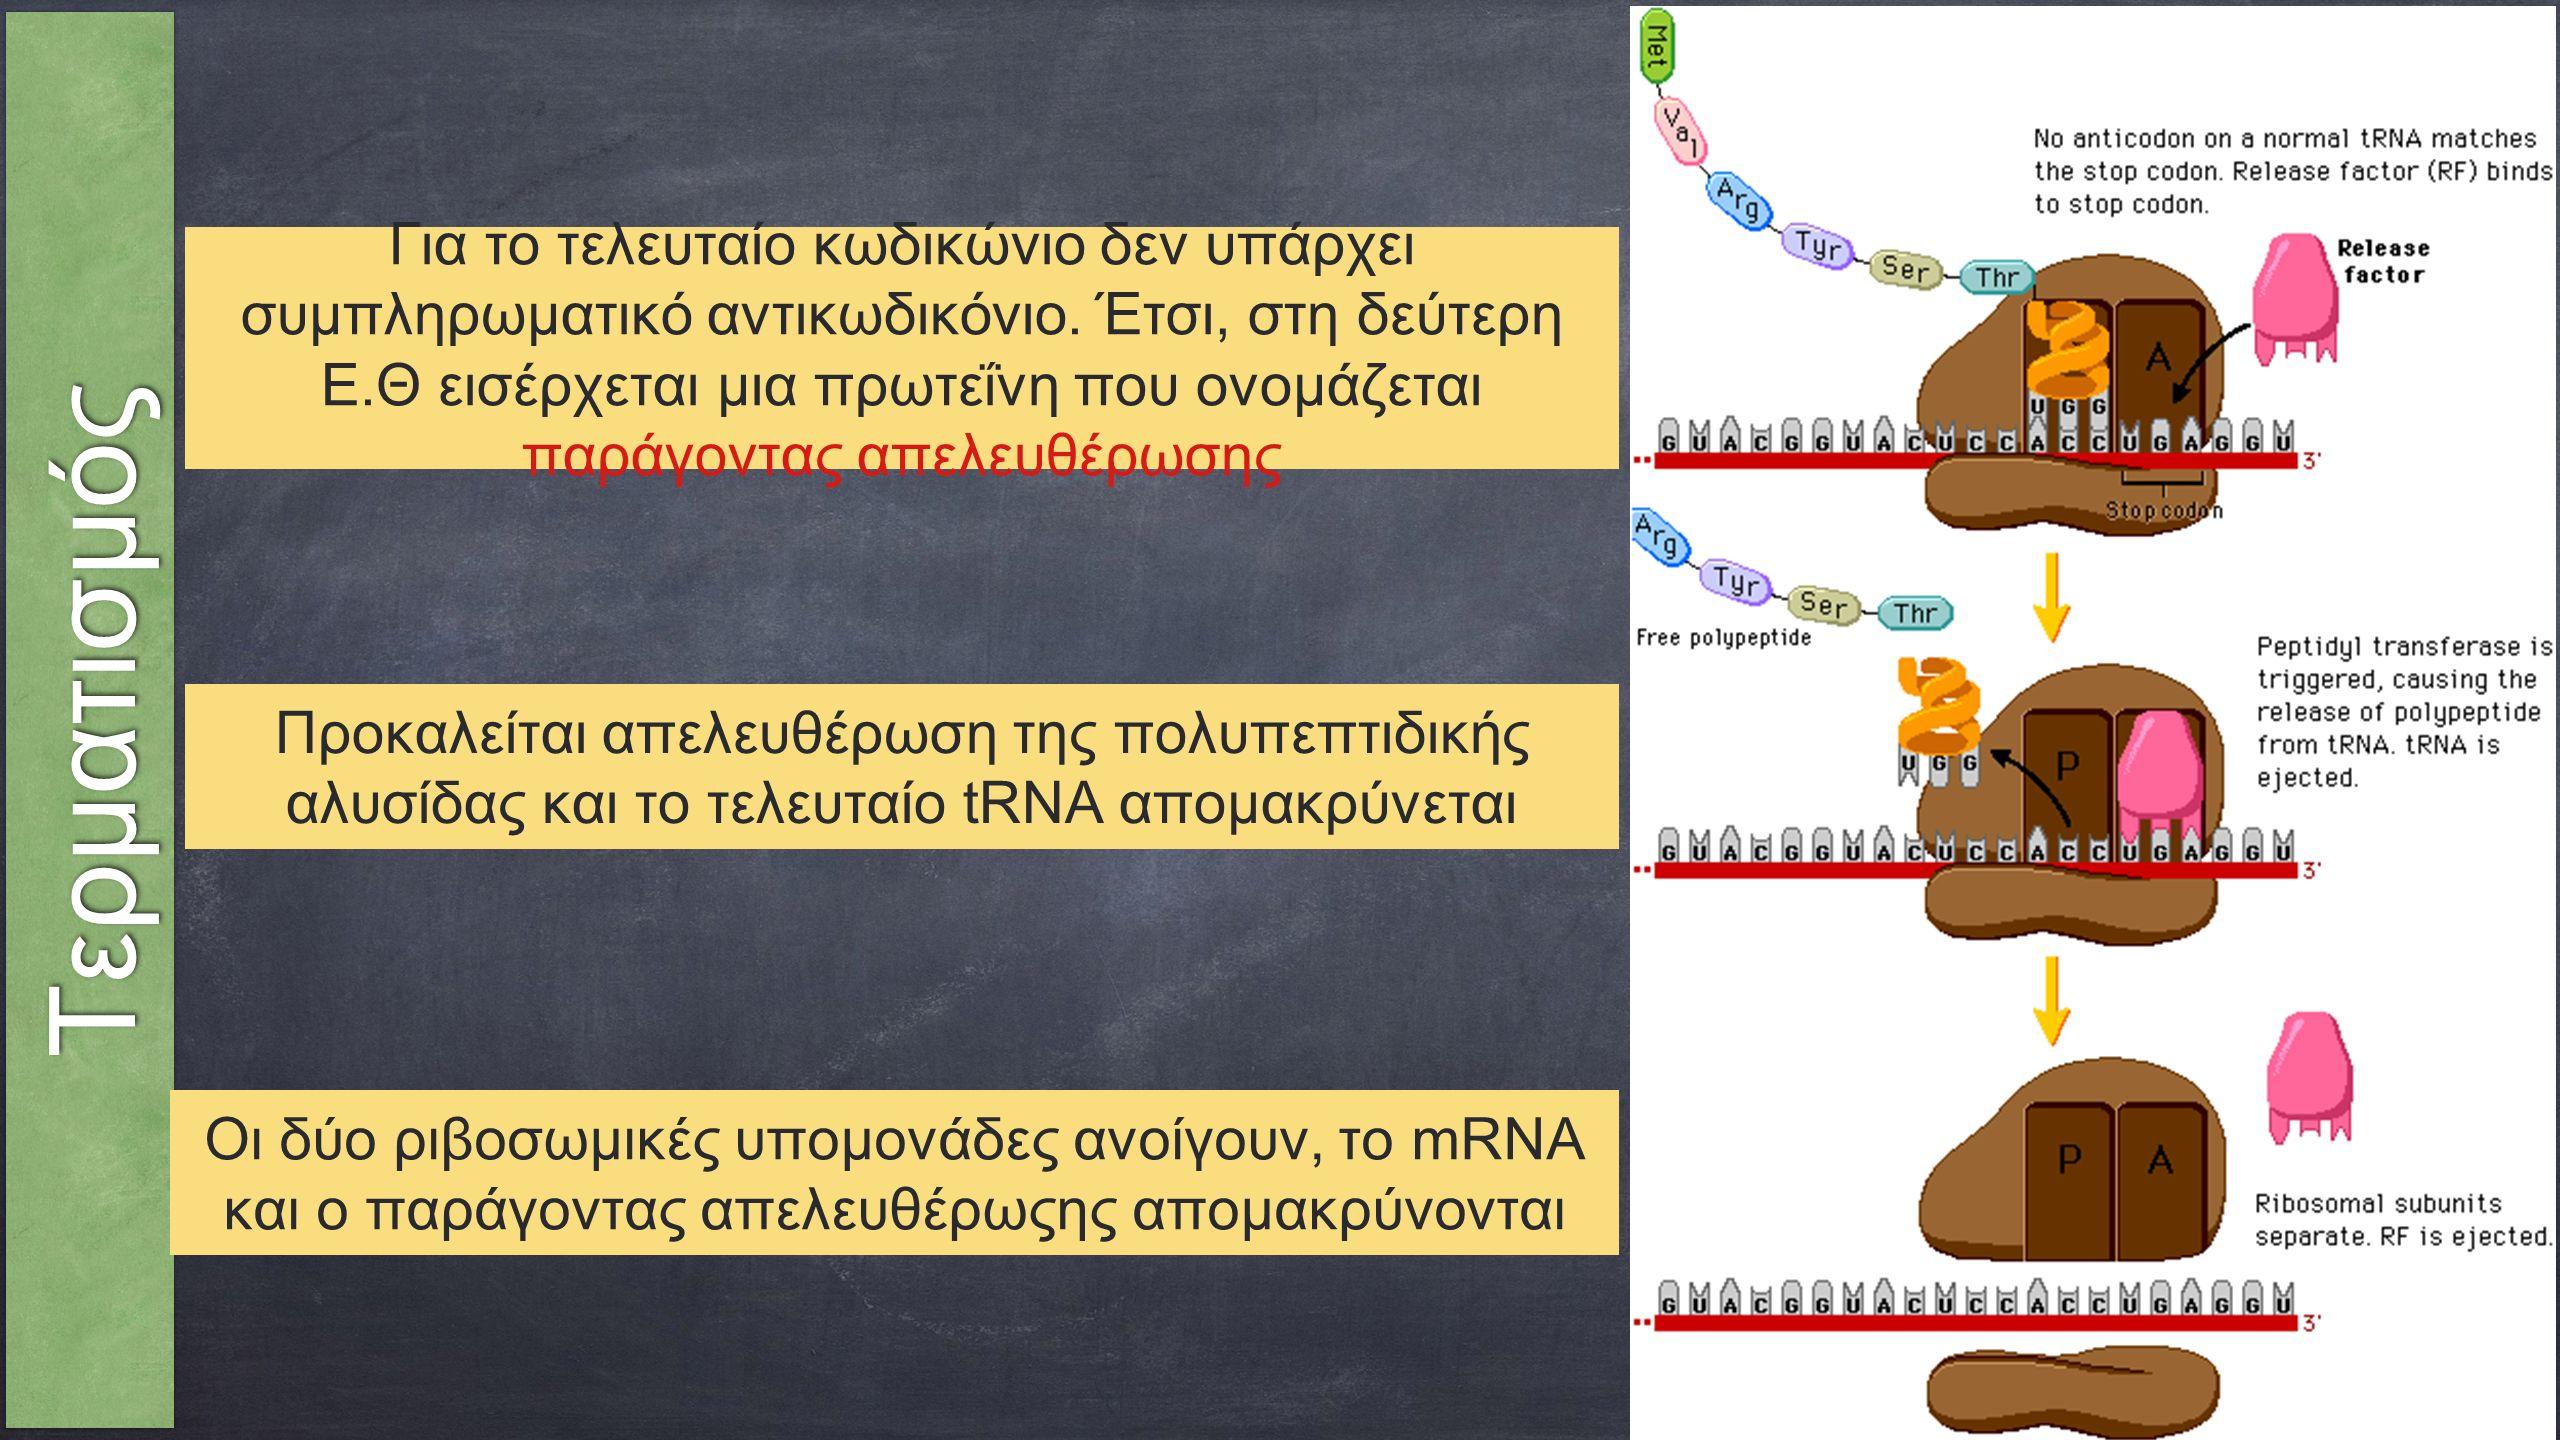 ΤερματισμόςΤερματισμός Οι δύο ριβοσωμικές υπομονάδες ανοίγουν, το mRNA και ο παράγοντας απελευθέρωςης απομακρύνονται Προκαλείται απελευθέρωση της πολυπεπτιδικής αλυσίδας και το τελευταίο tRNA απομακρύνεται Για το τελευταίο κωδικώνιο δεν υπάρχει συμπληρωματικό αντικωδικόνιο.